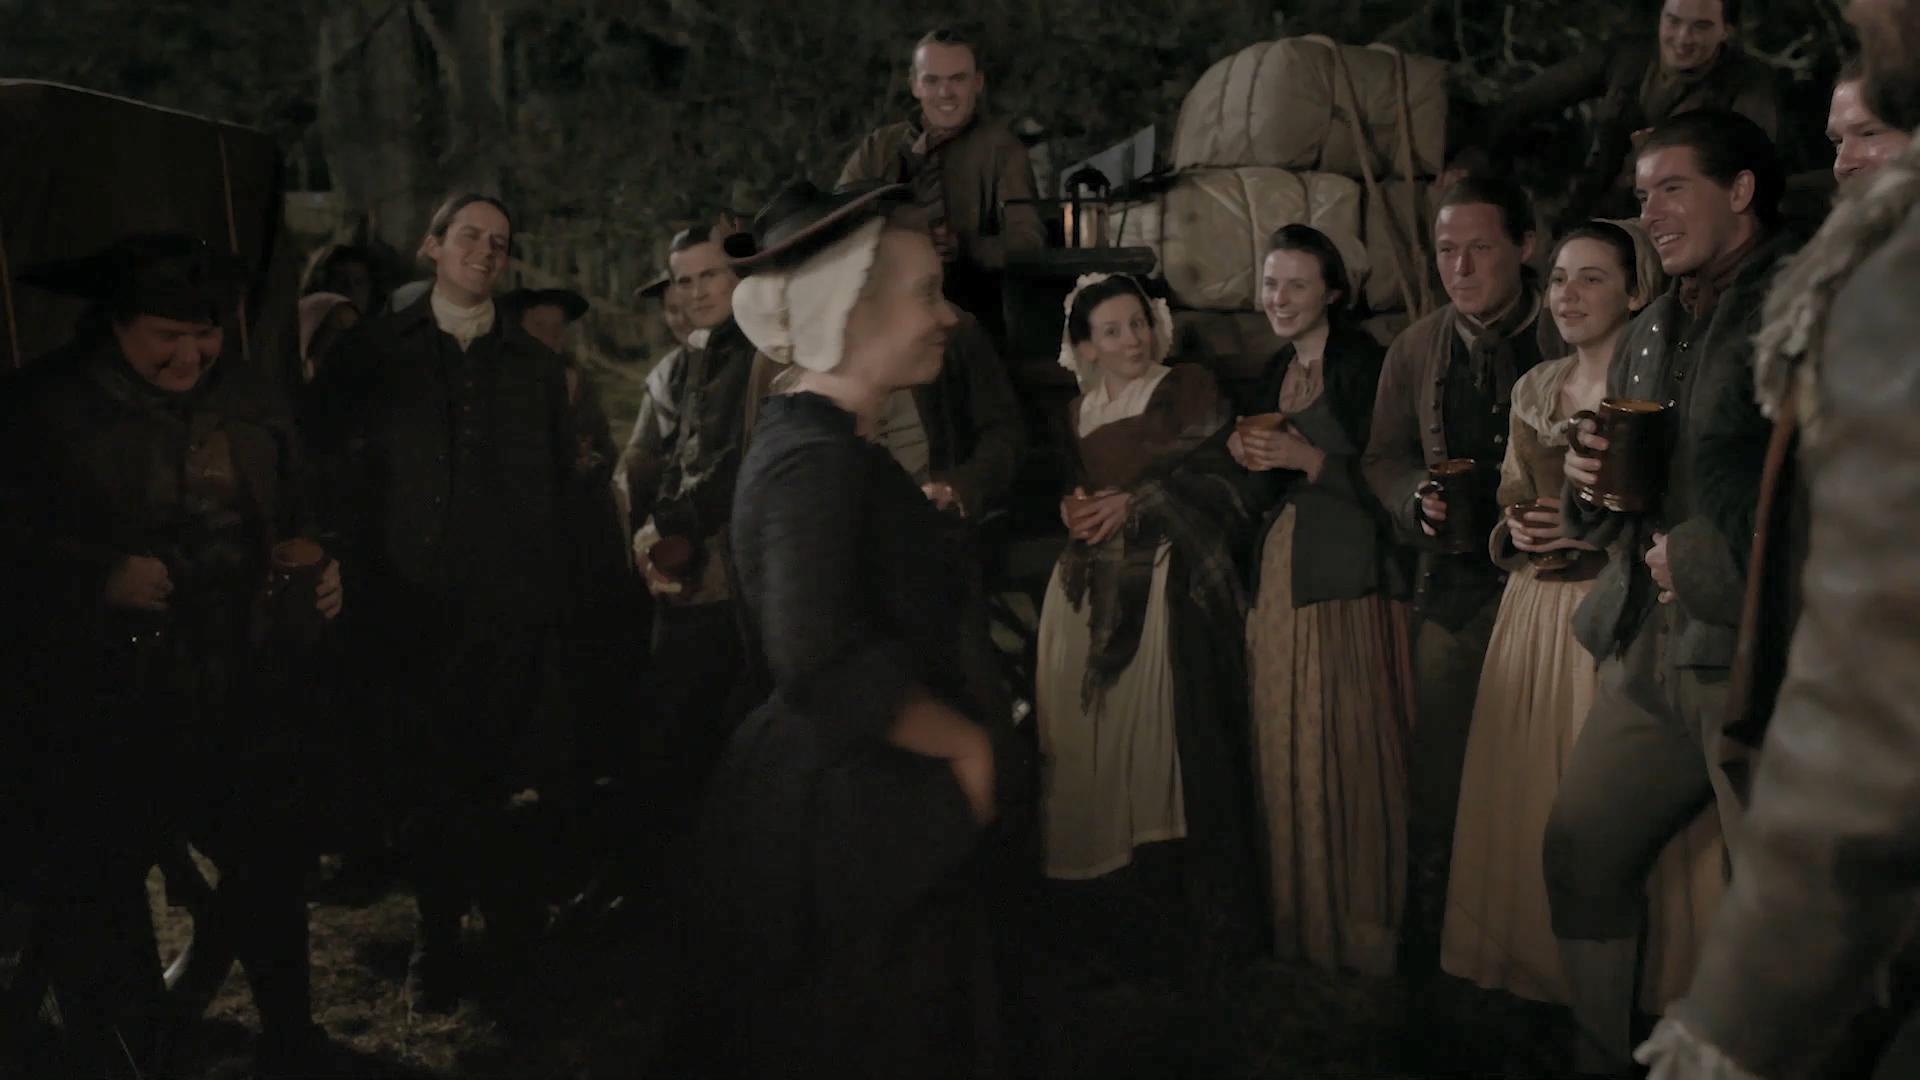 Изображение для Чужестранка / Outlander, Сезон 5, Серия 1-6 из 12 (2020) WEBRip 1080p (кликните для просмотра полного изображения)